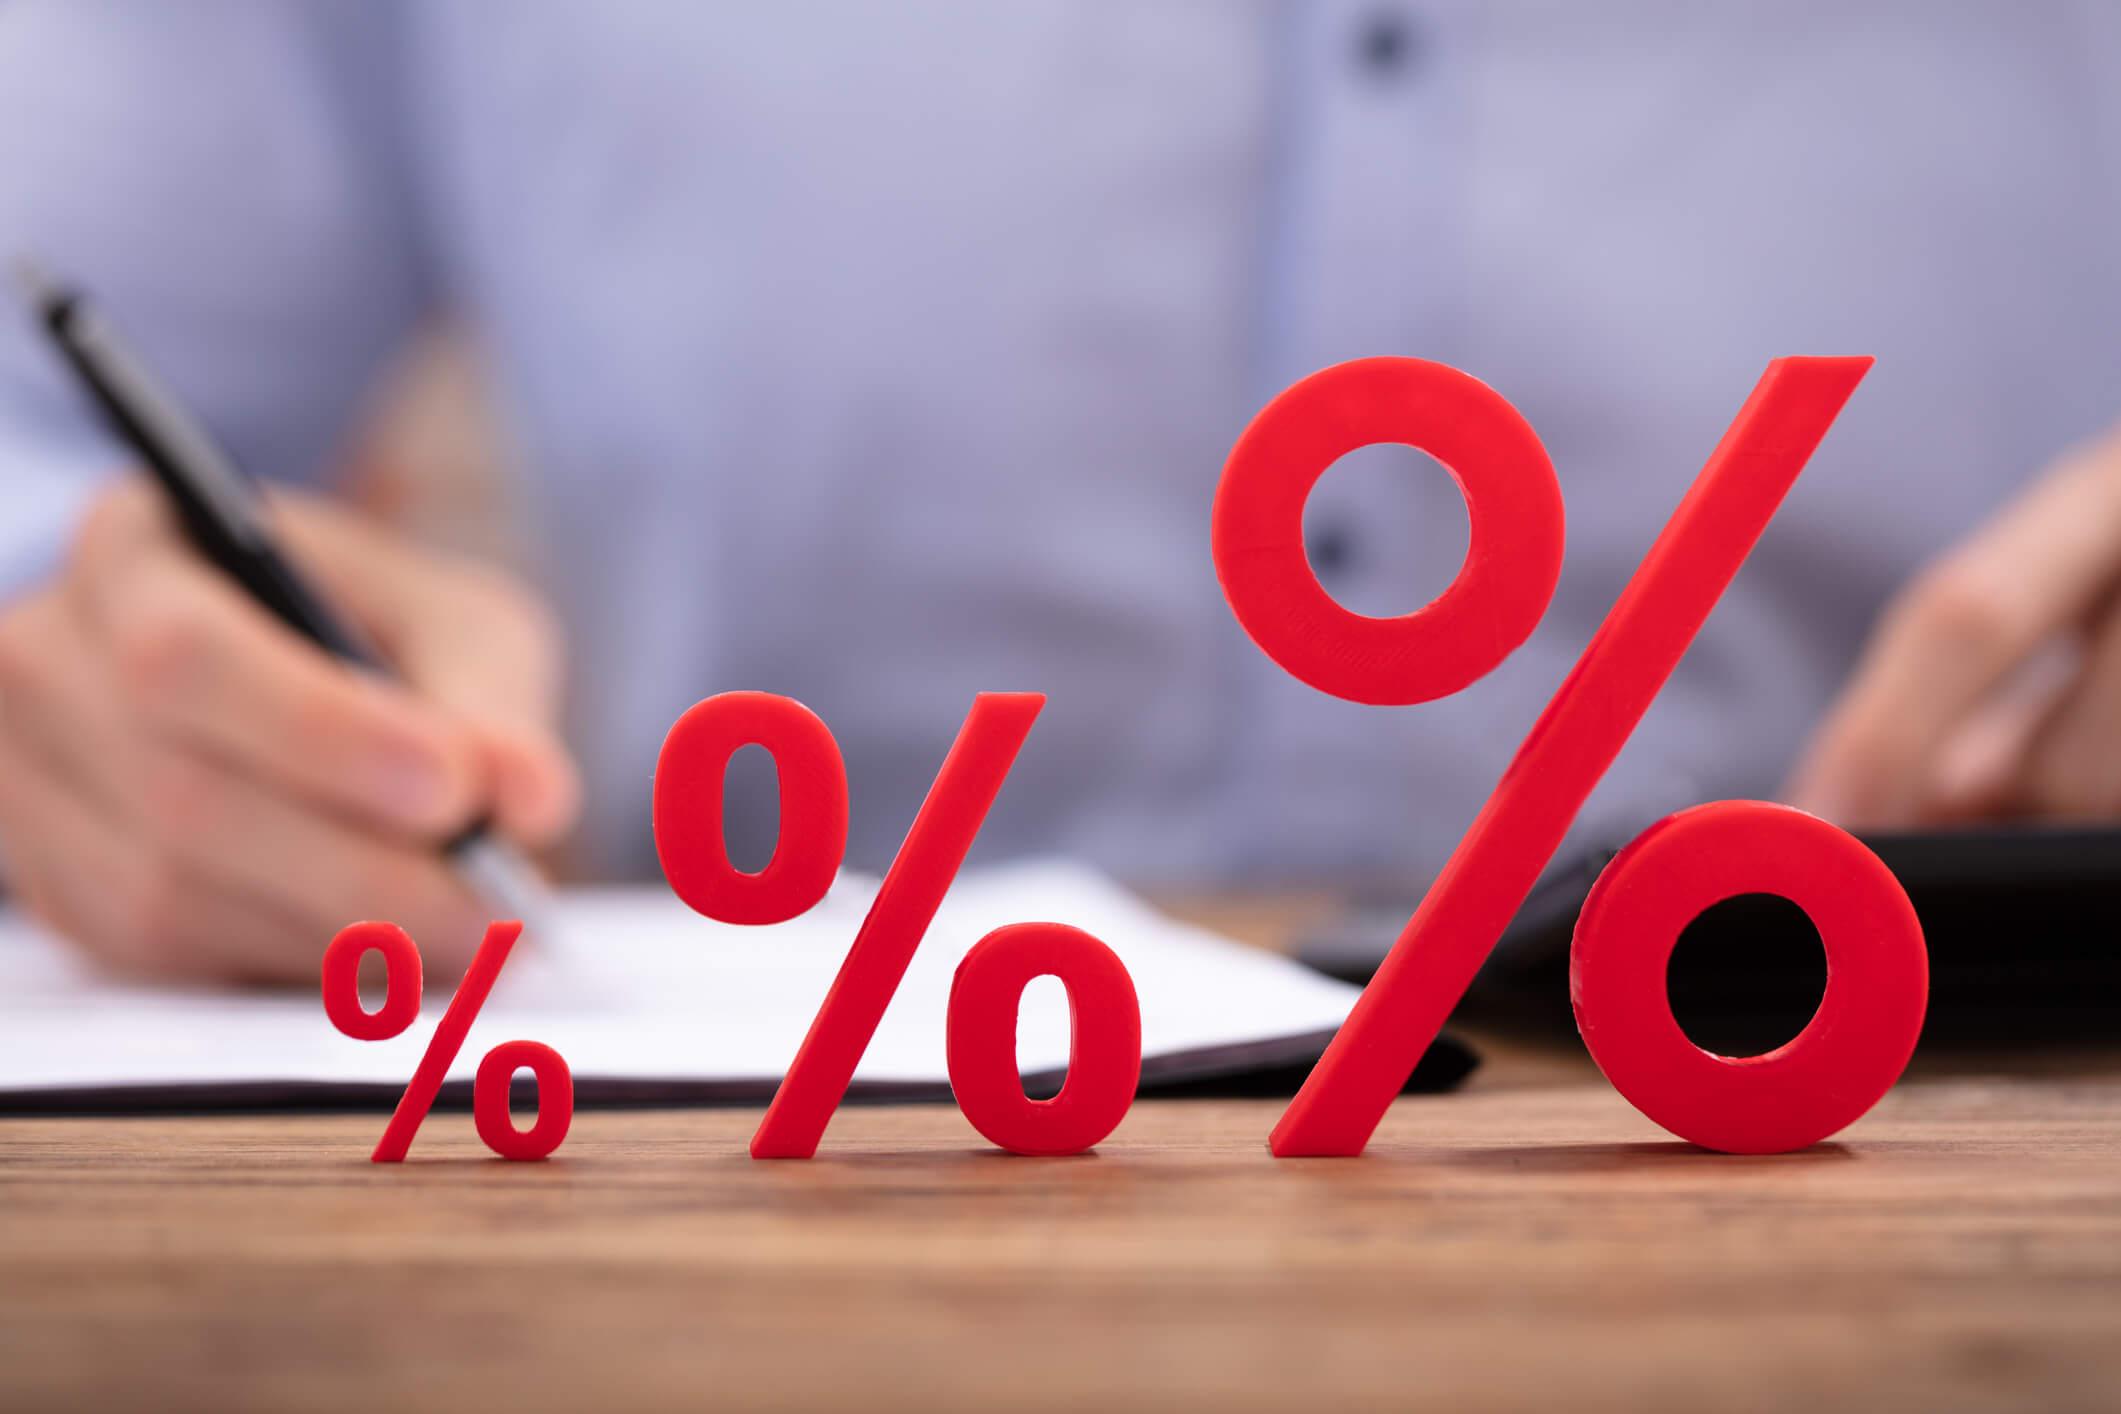 Impostos sobre o salário: você sabe quais são e o que de fato significam?